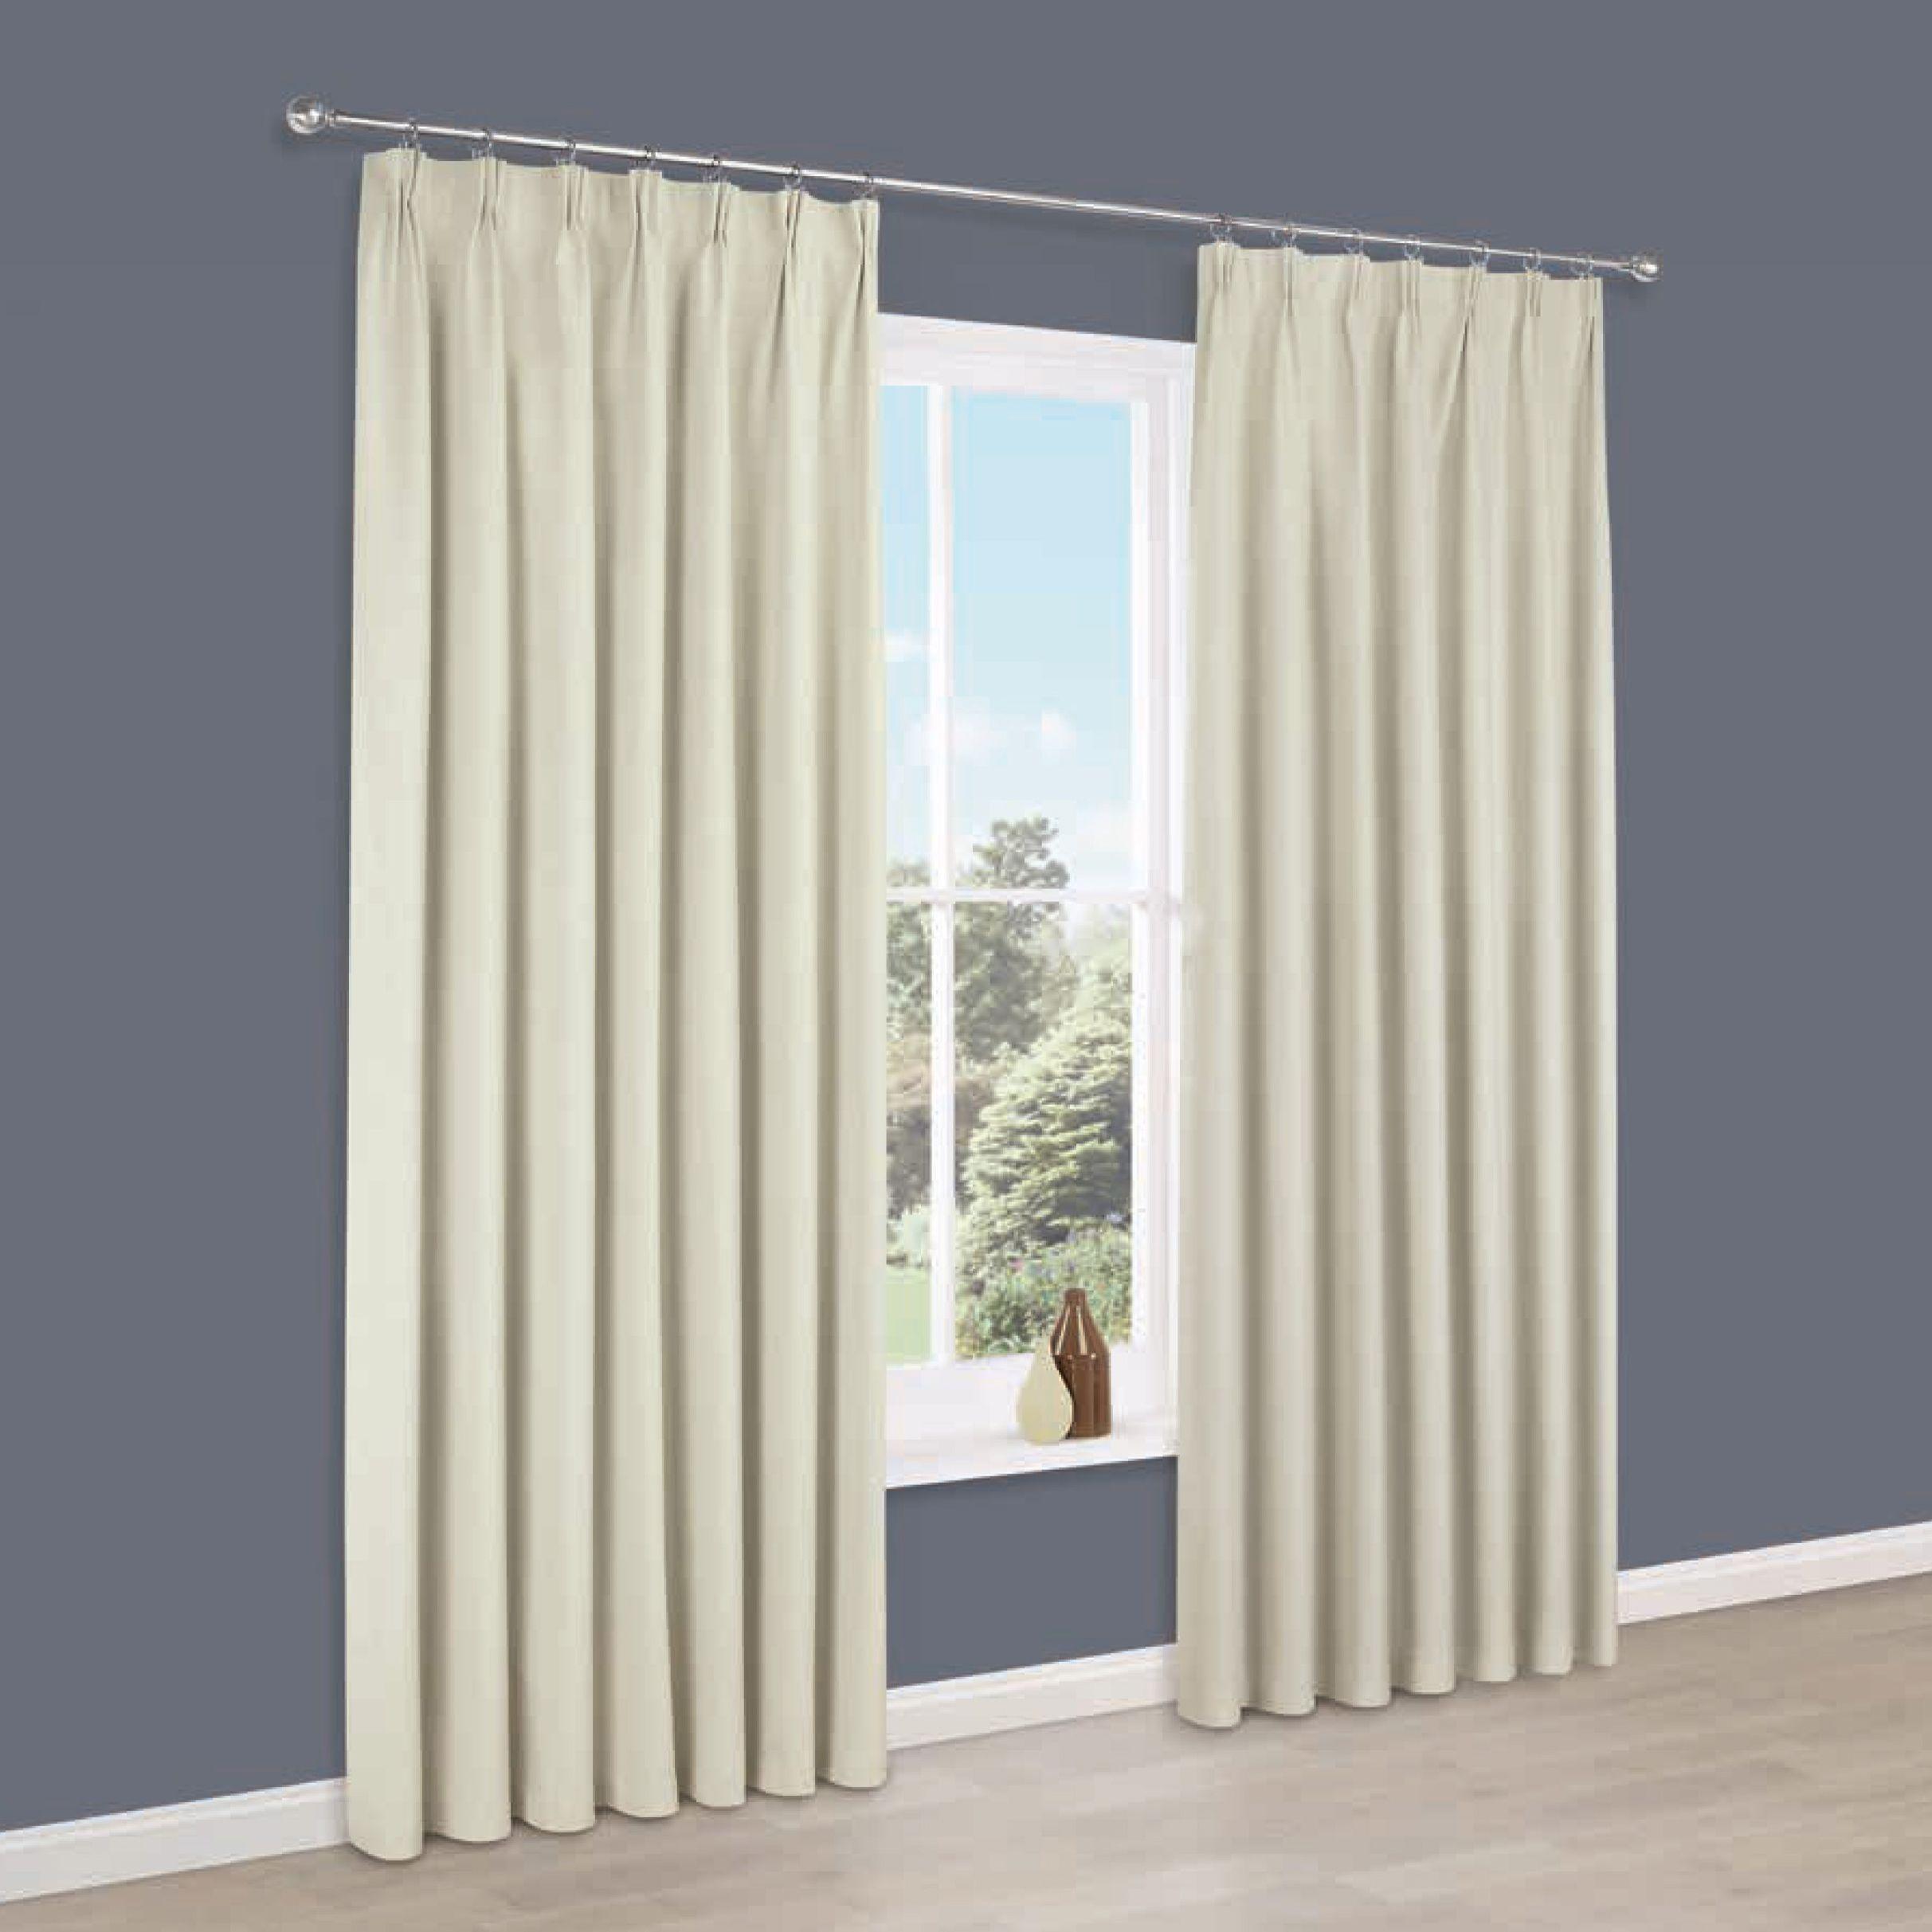 Elva Cream Plain Blackout Pencil Pleat Blackout Curtains (w)117 Cm (l)137 Cm